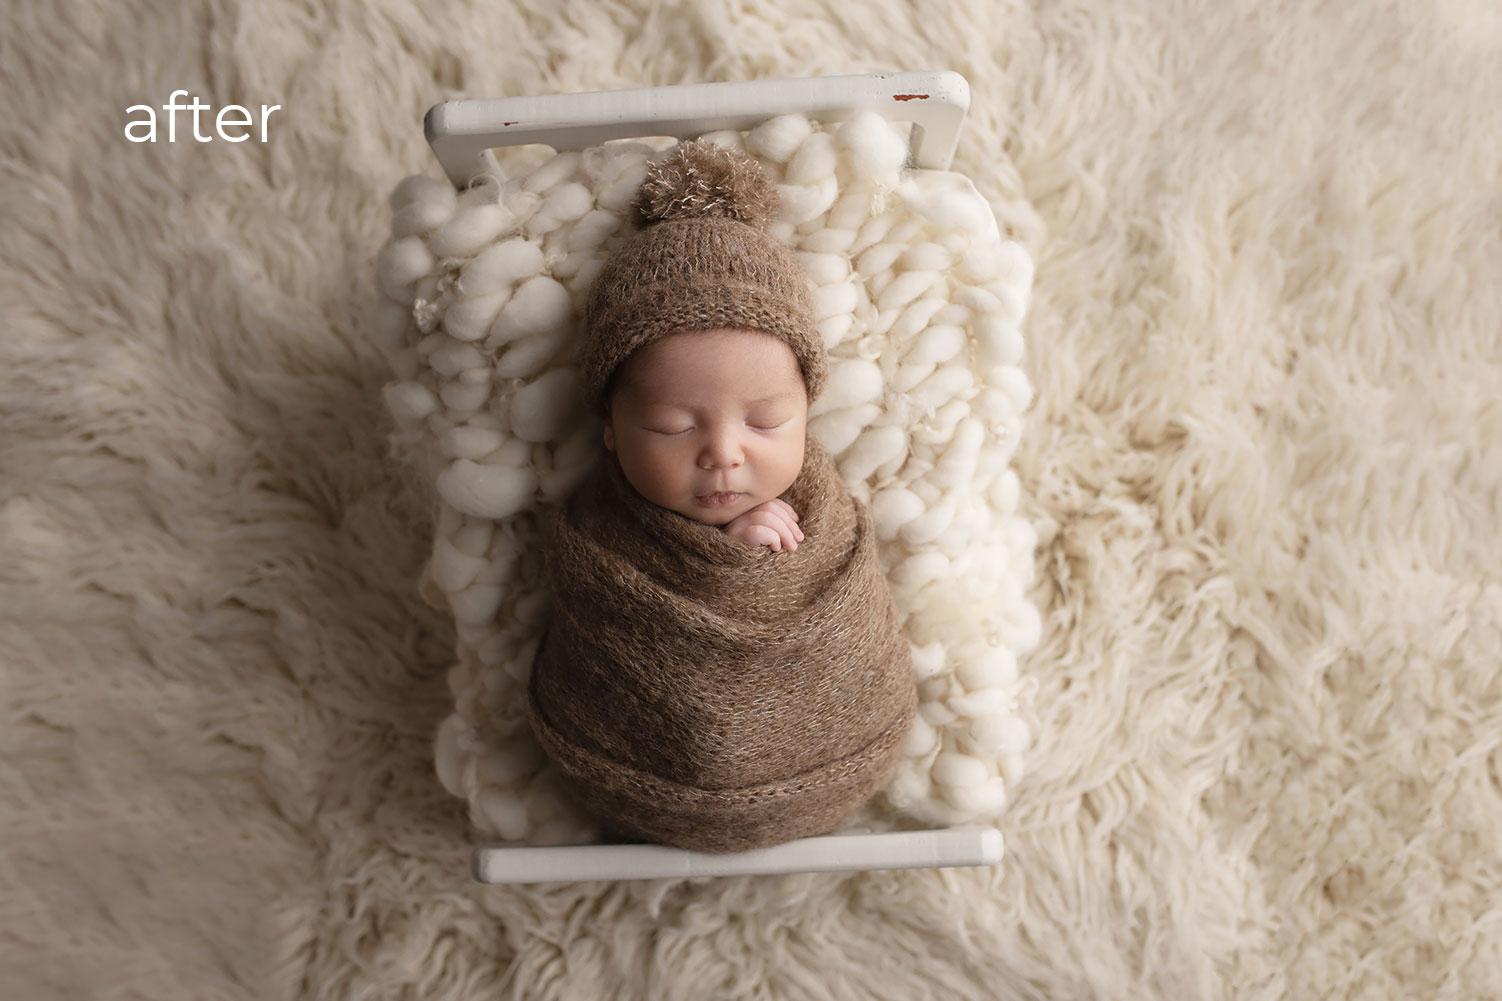 Newborn Photo Retouching after